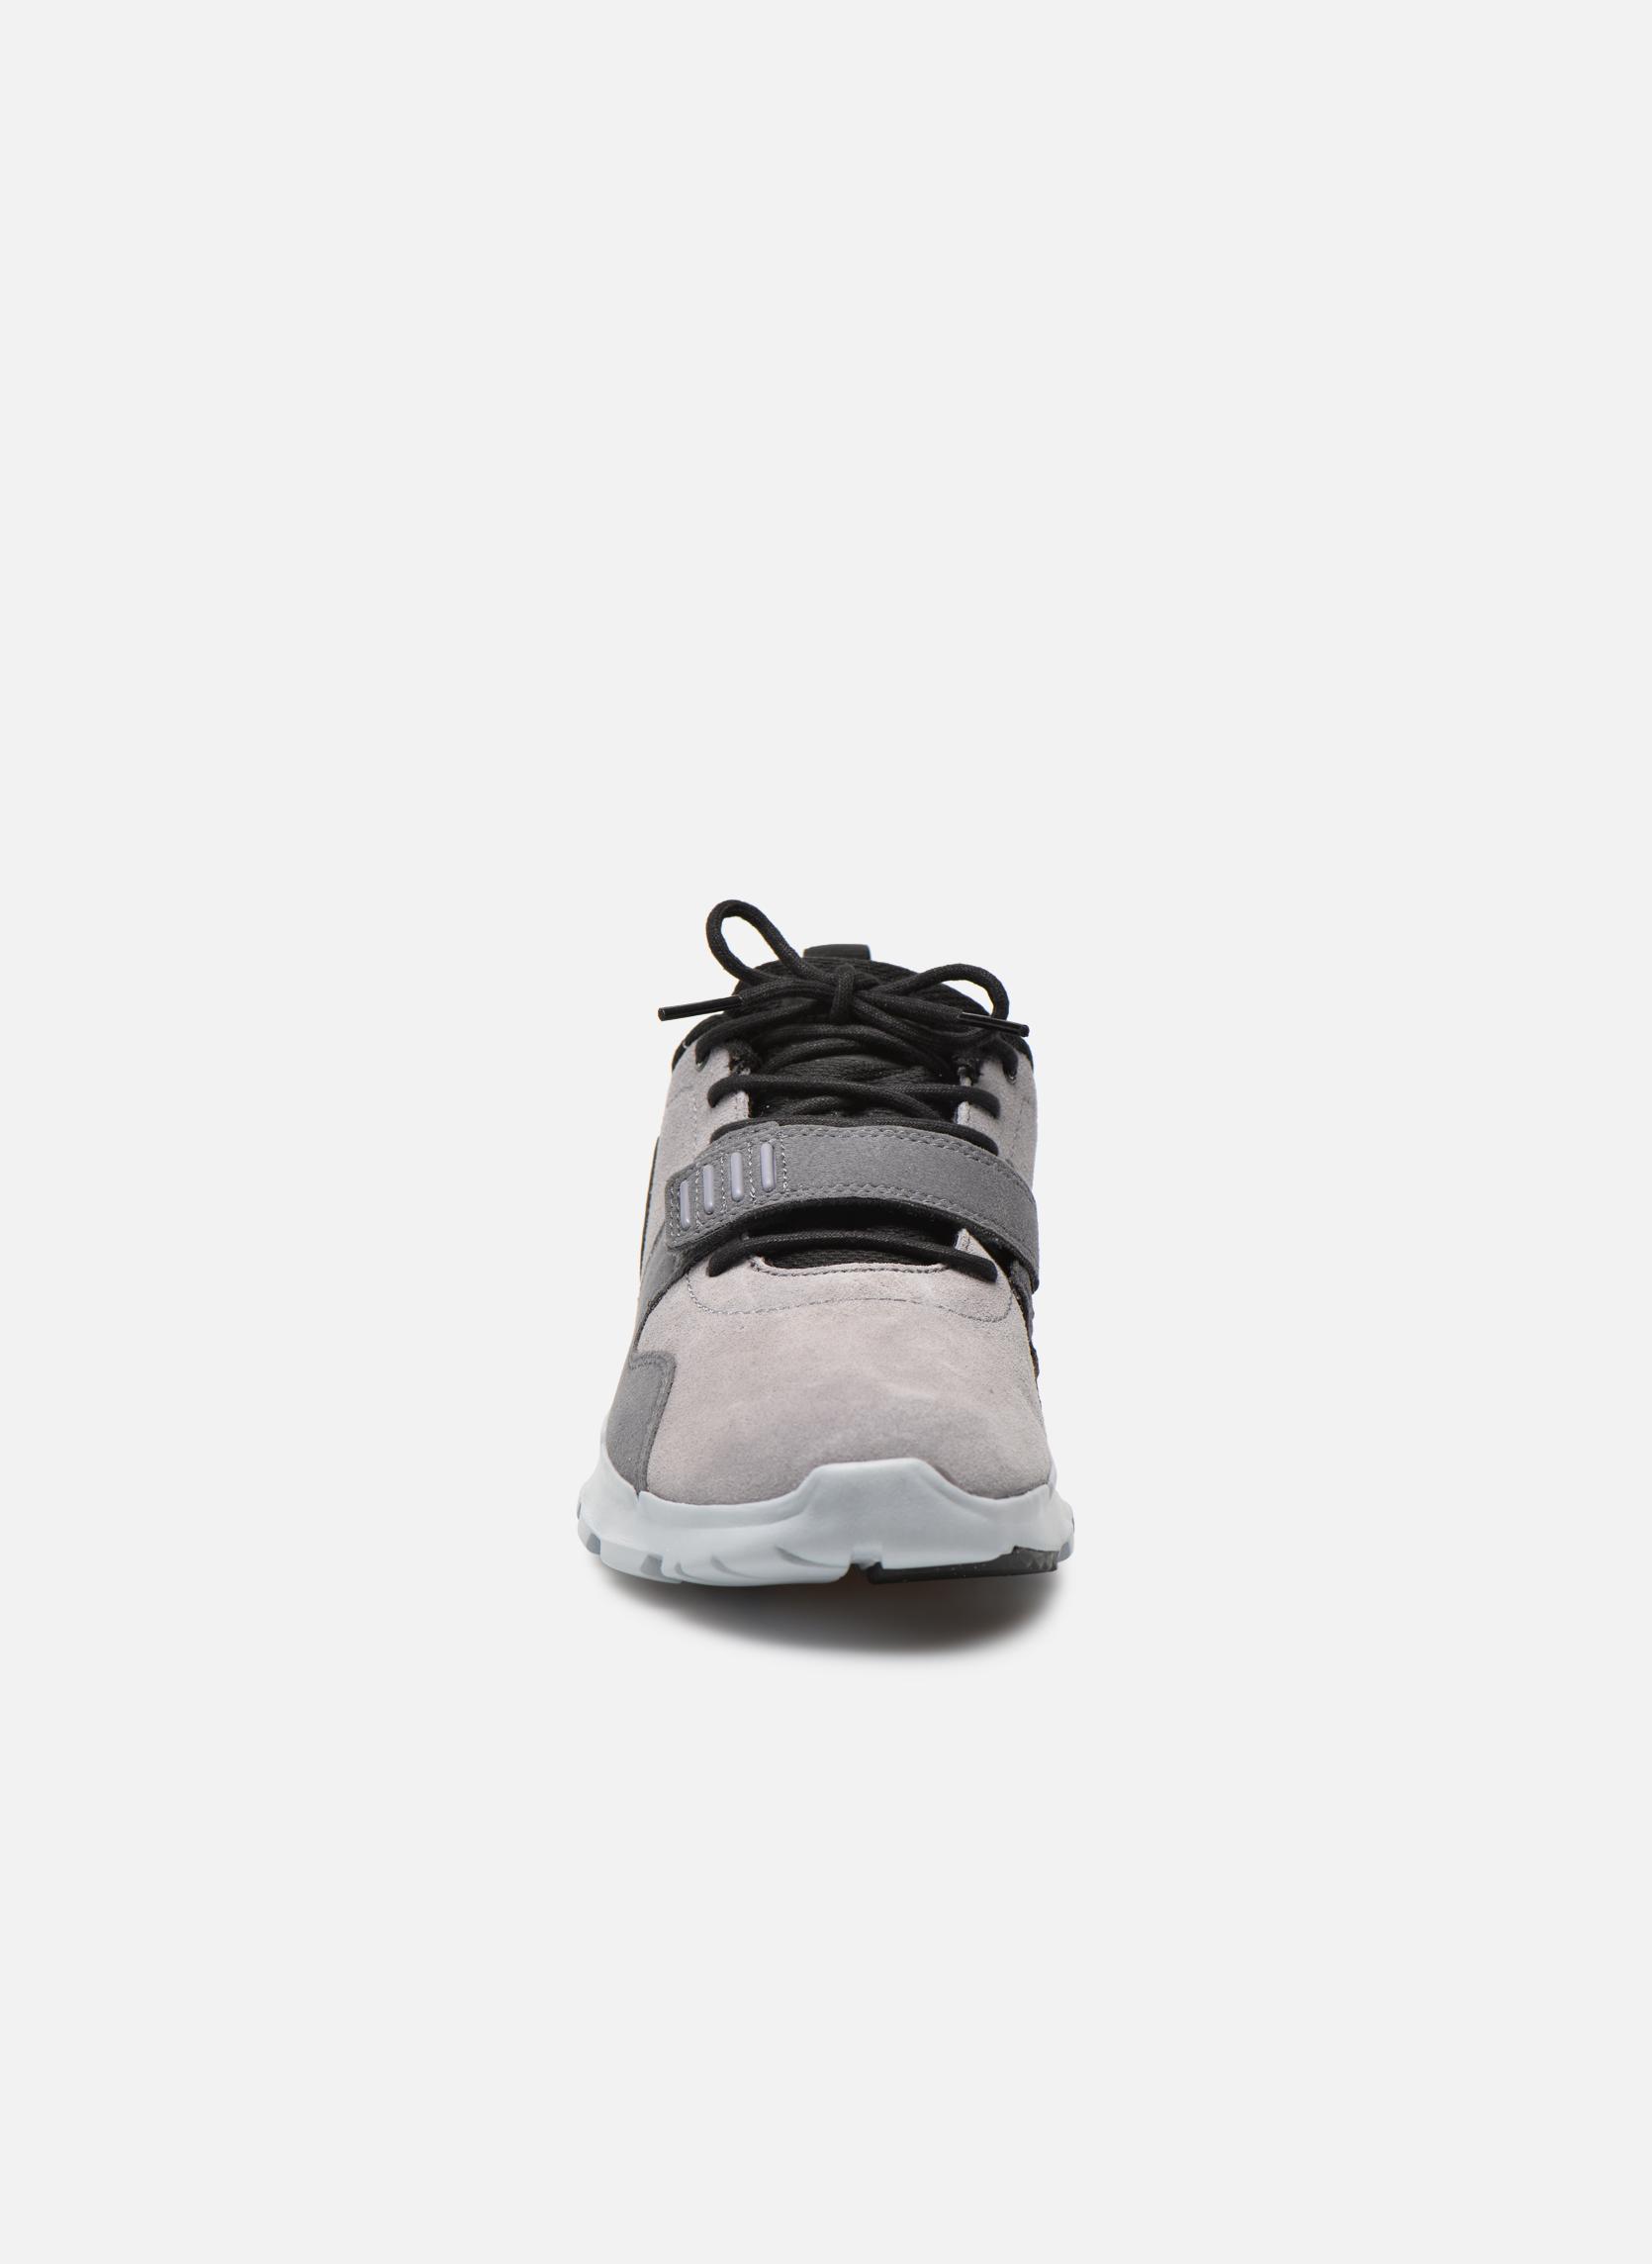 Chaussures de sport Nike Trainerendor L Gris vue portées chaussures